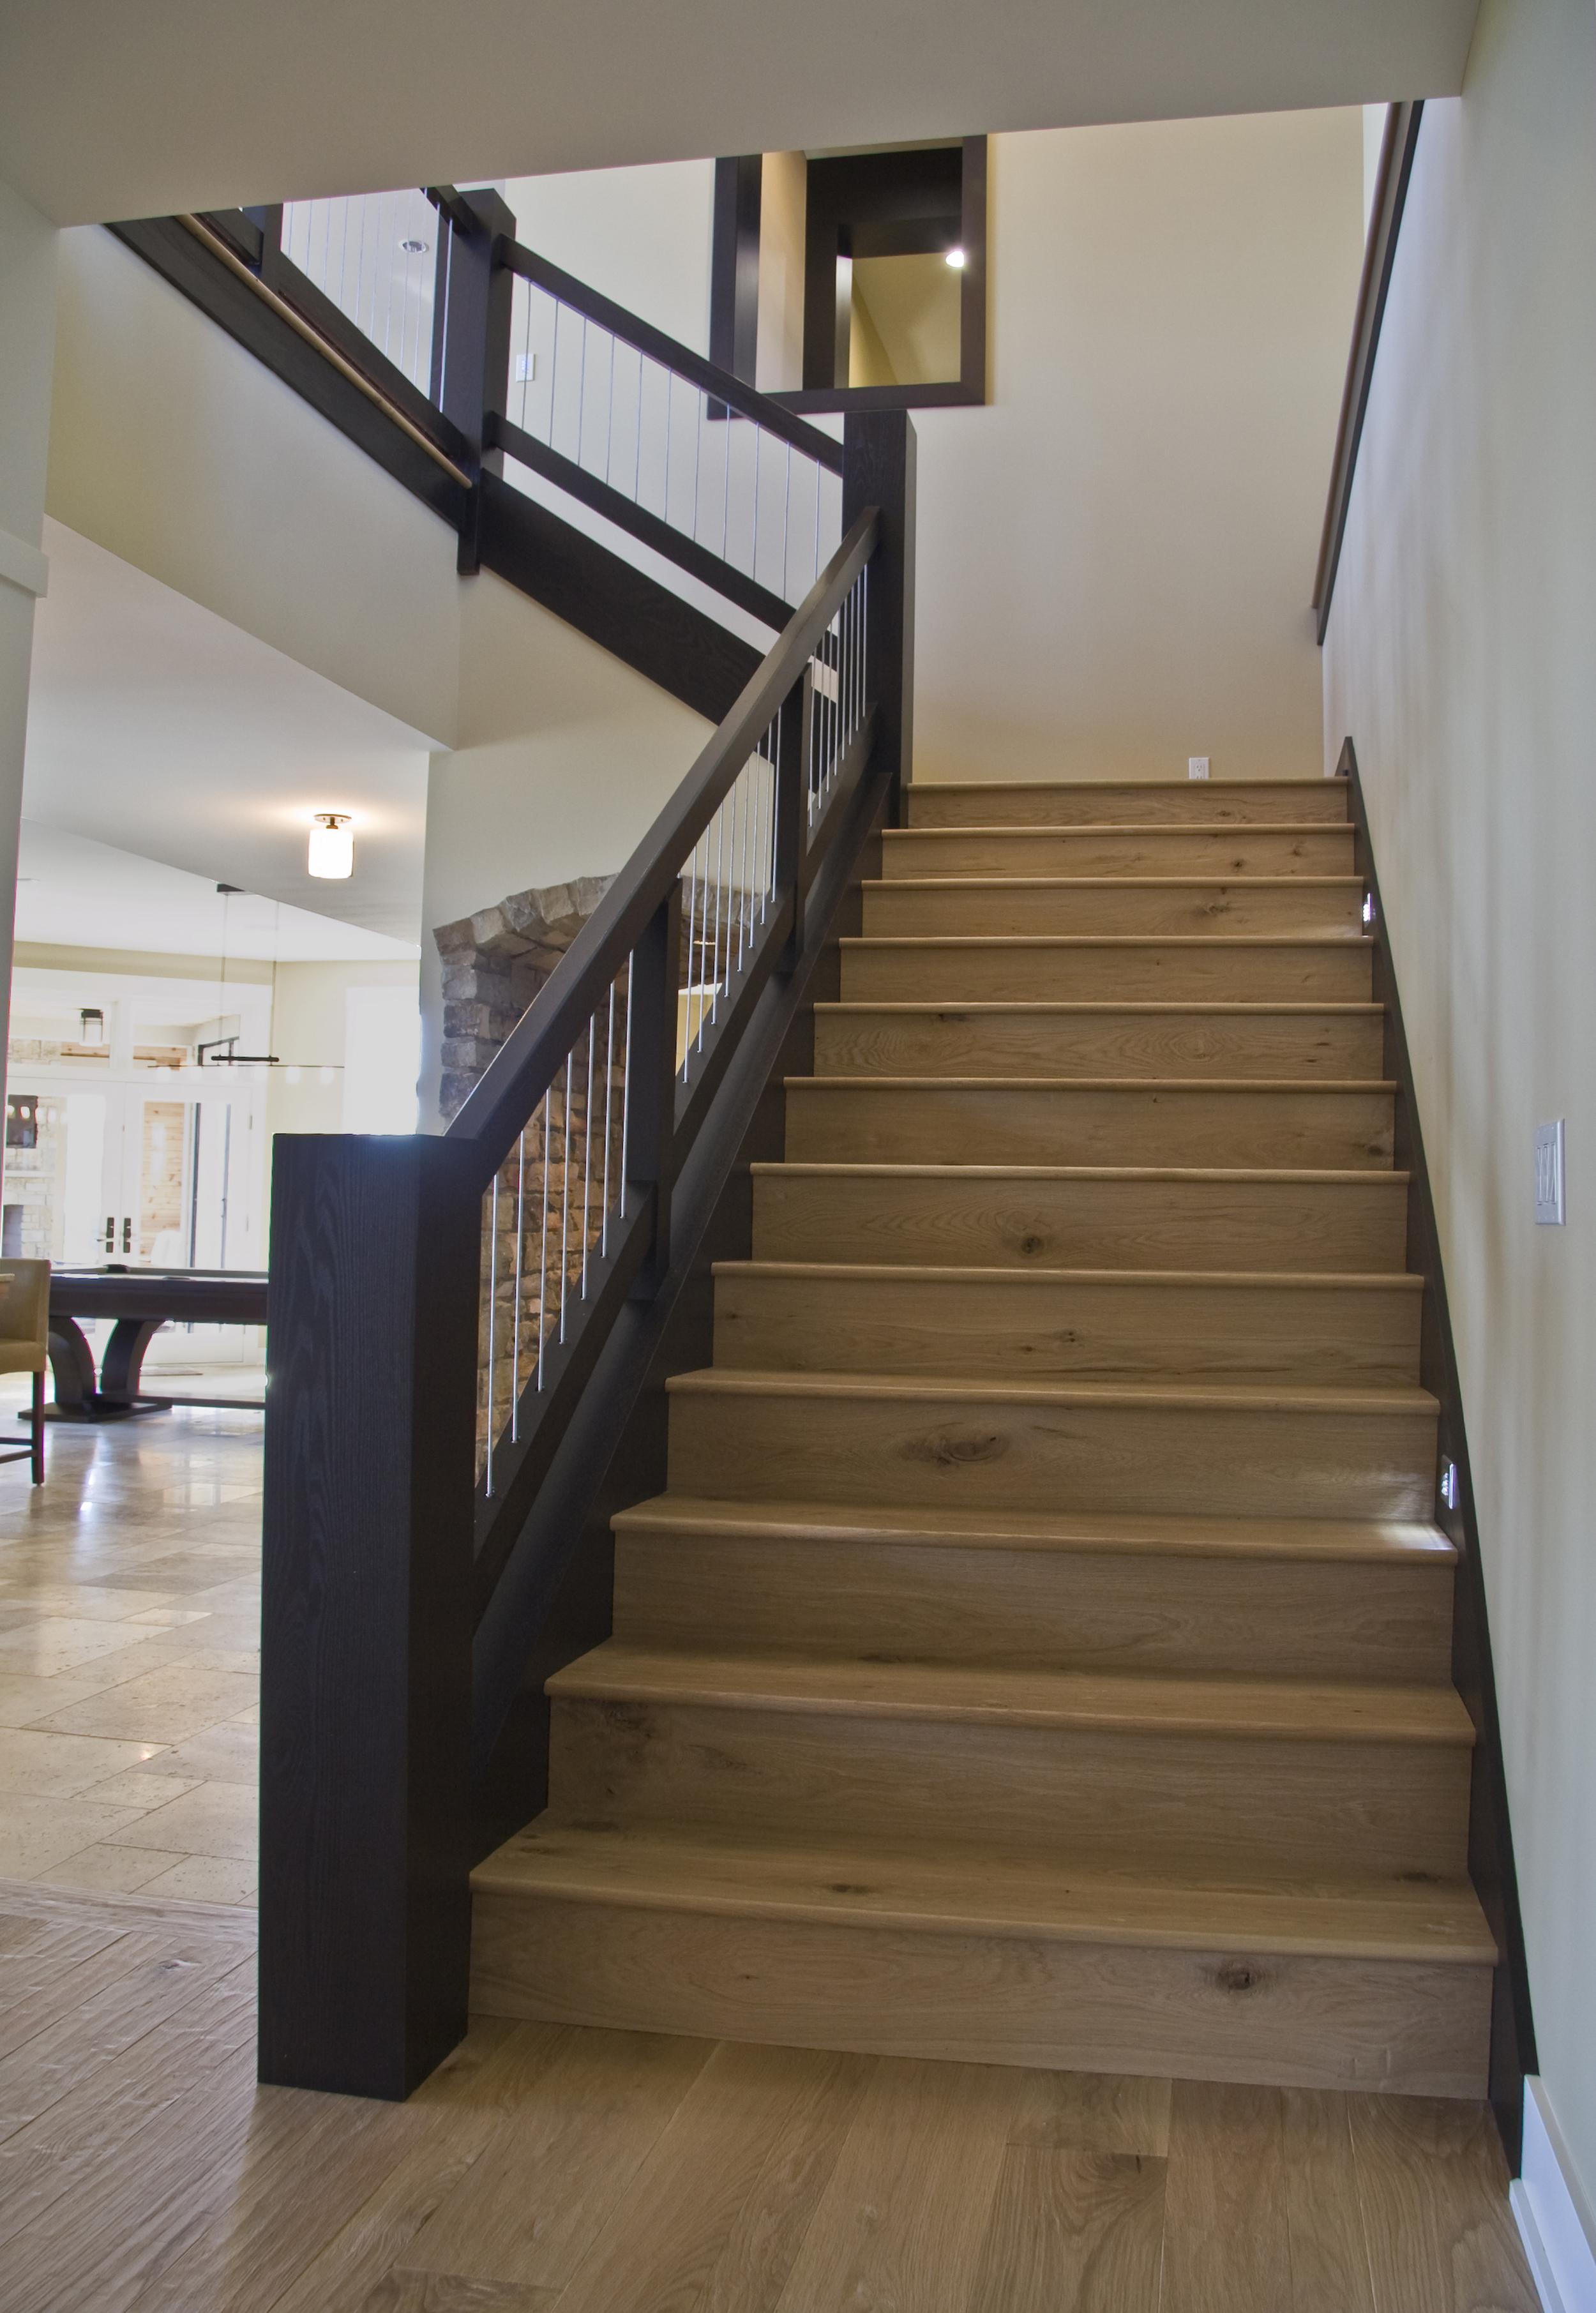 Stair - 4568.jpg